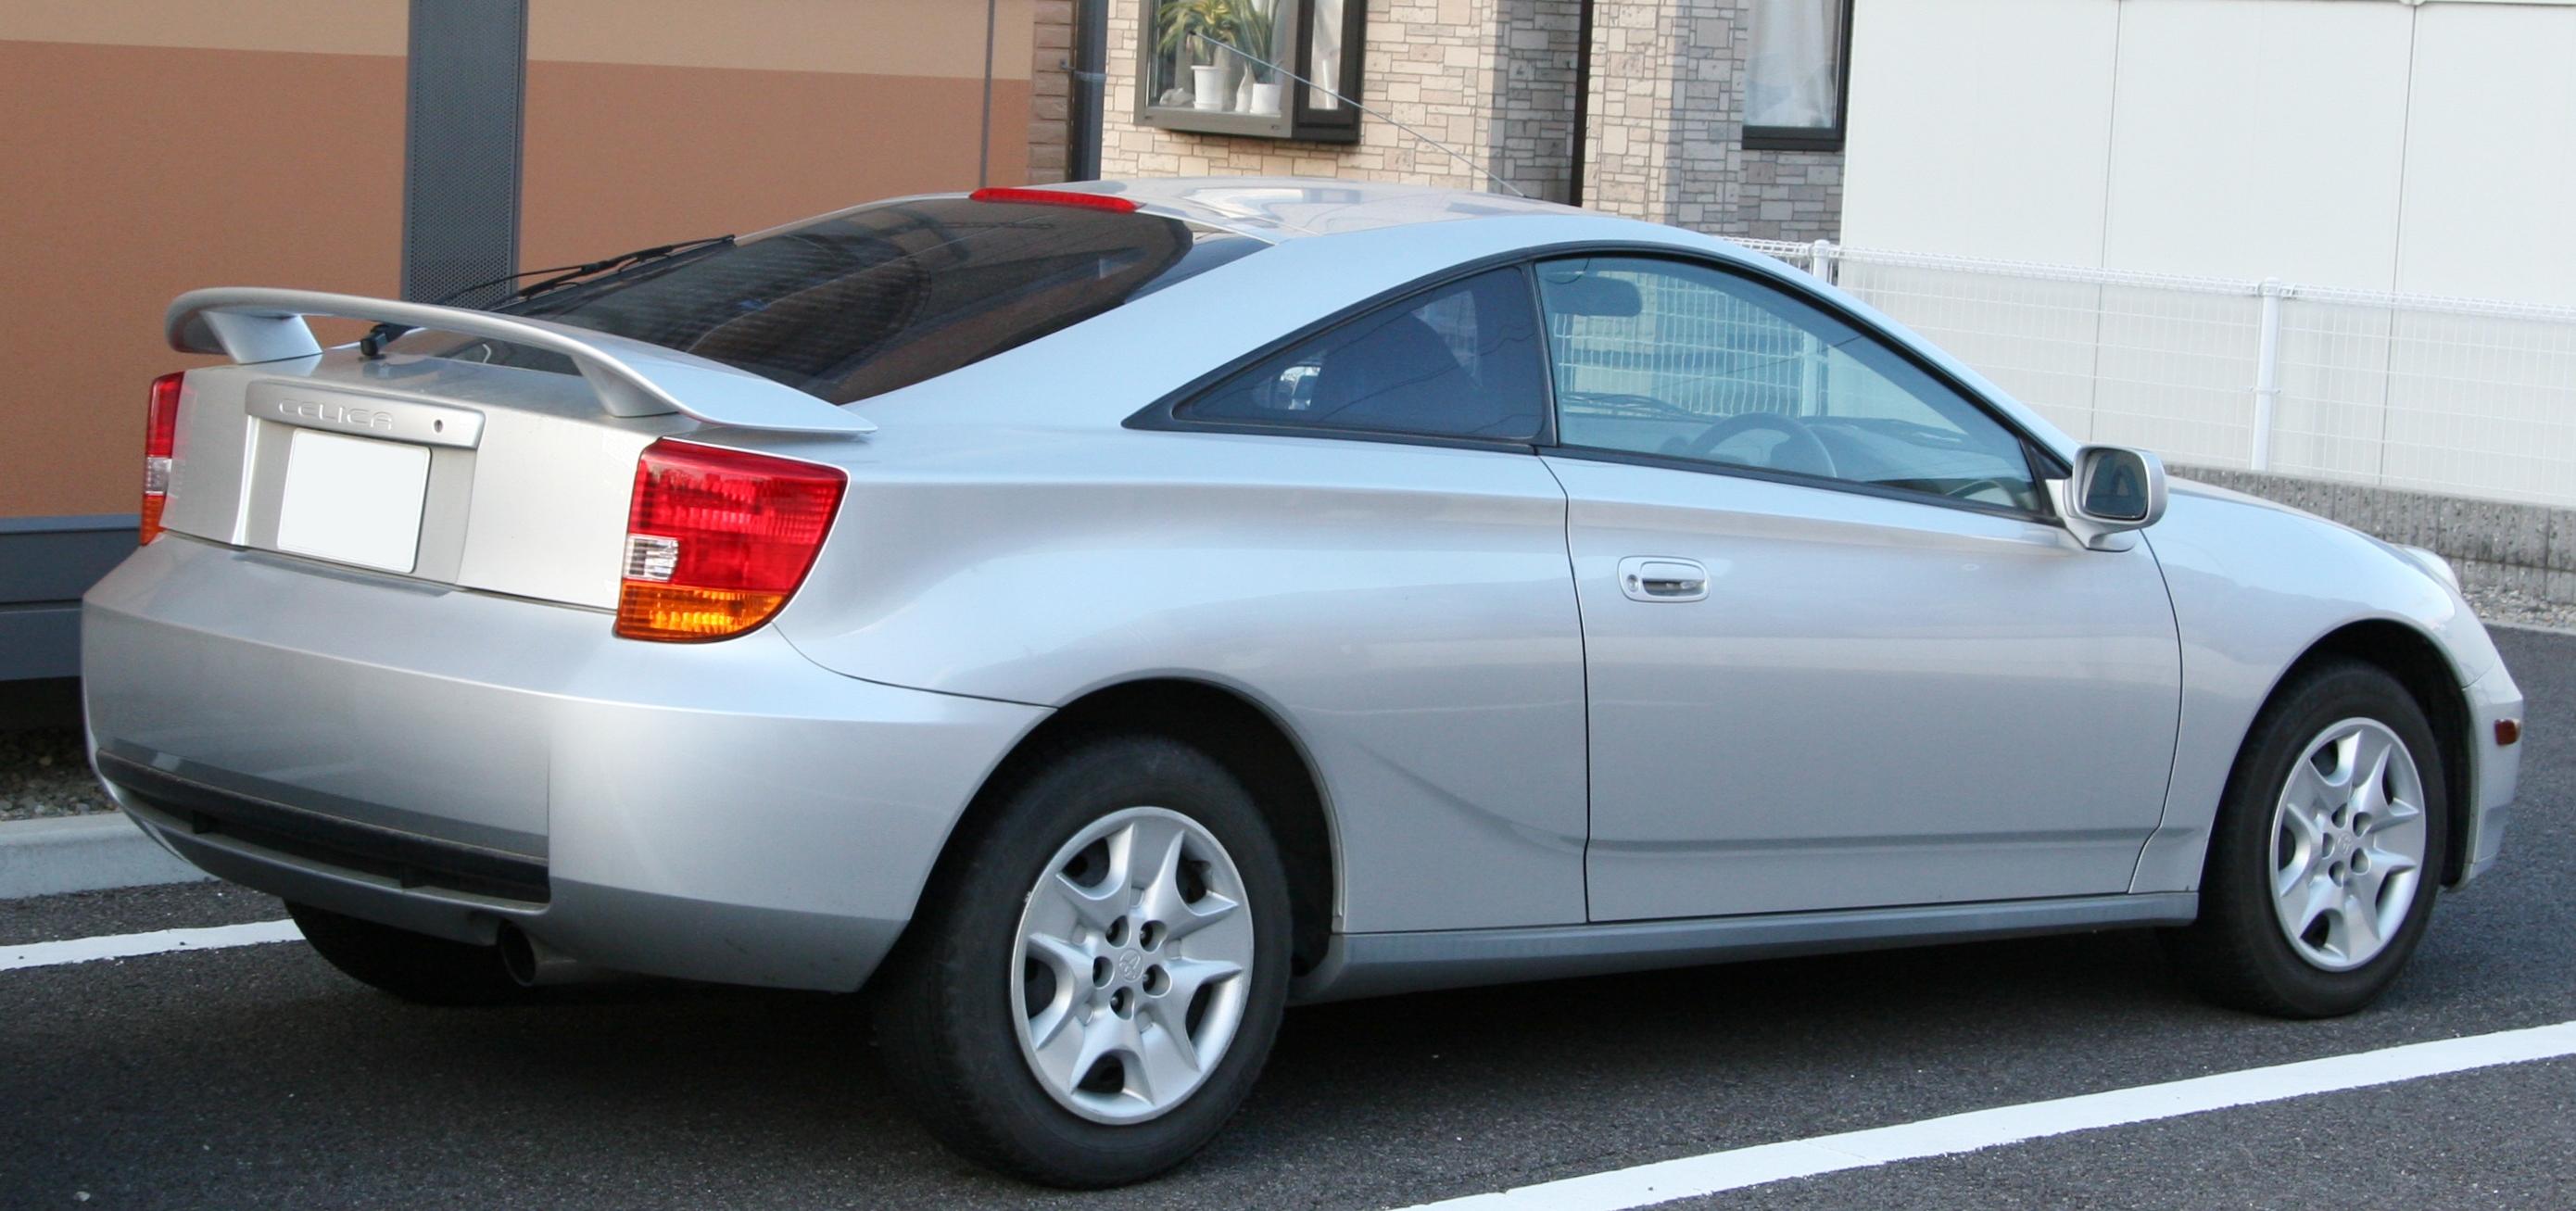 Kekurangan Toyota Celica 2002 Perbandingan Harga